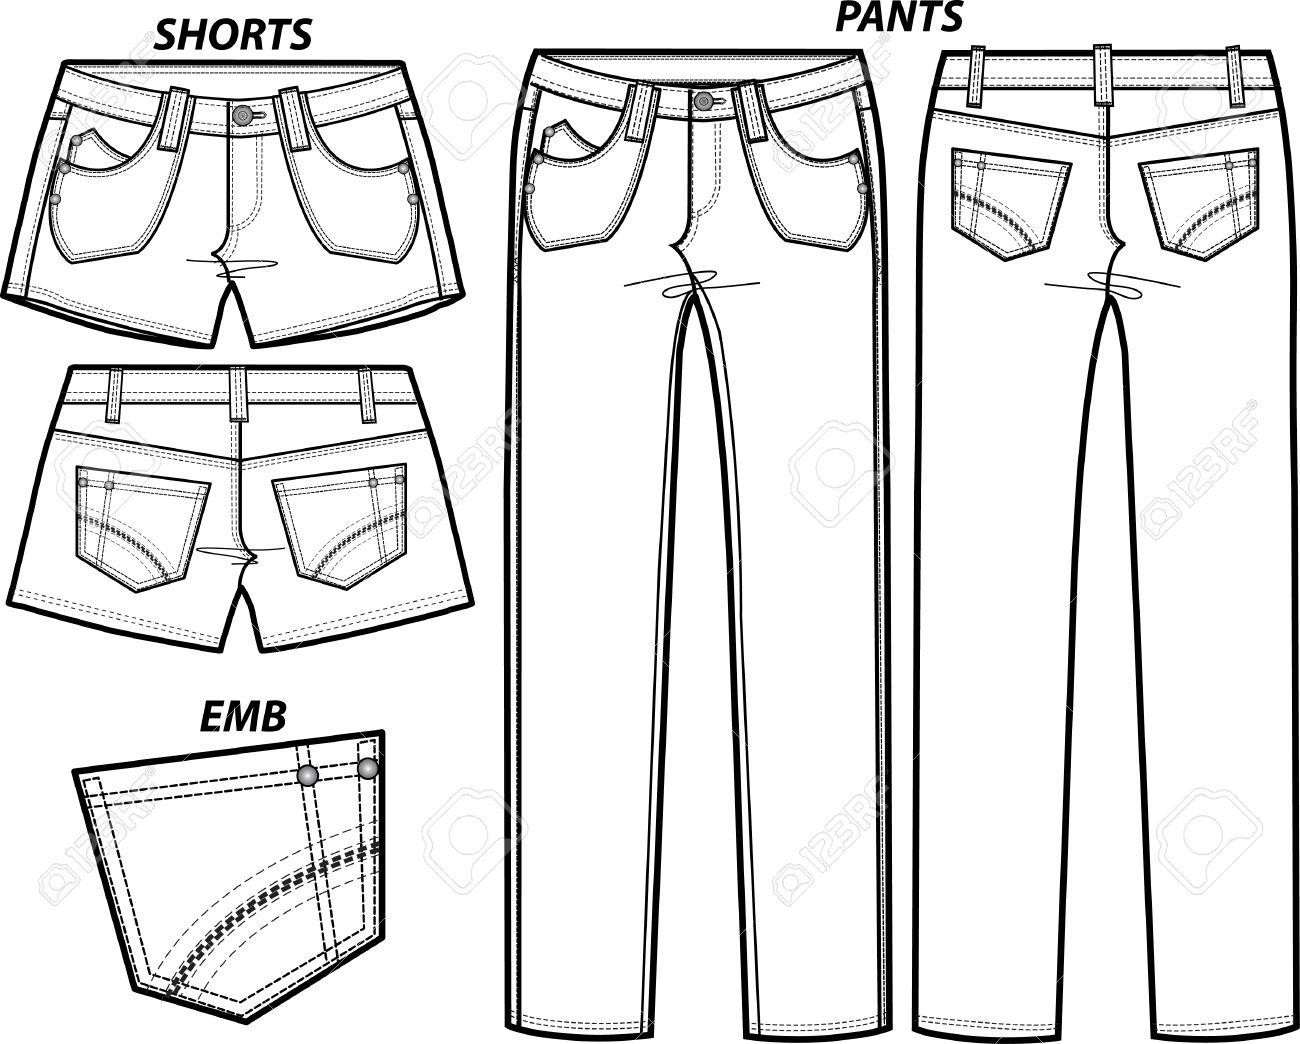 Lady Fashion Pants And Shorts Set Royalty Free Cliparts, Vectors.